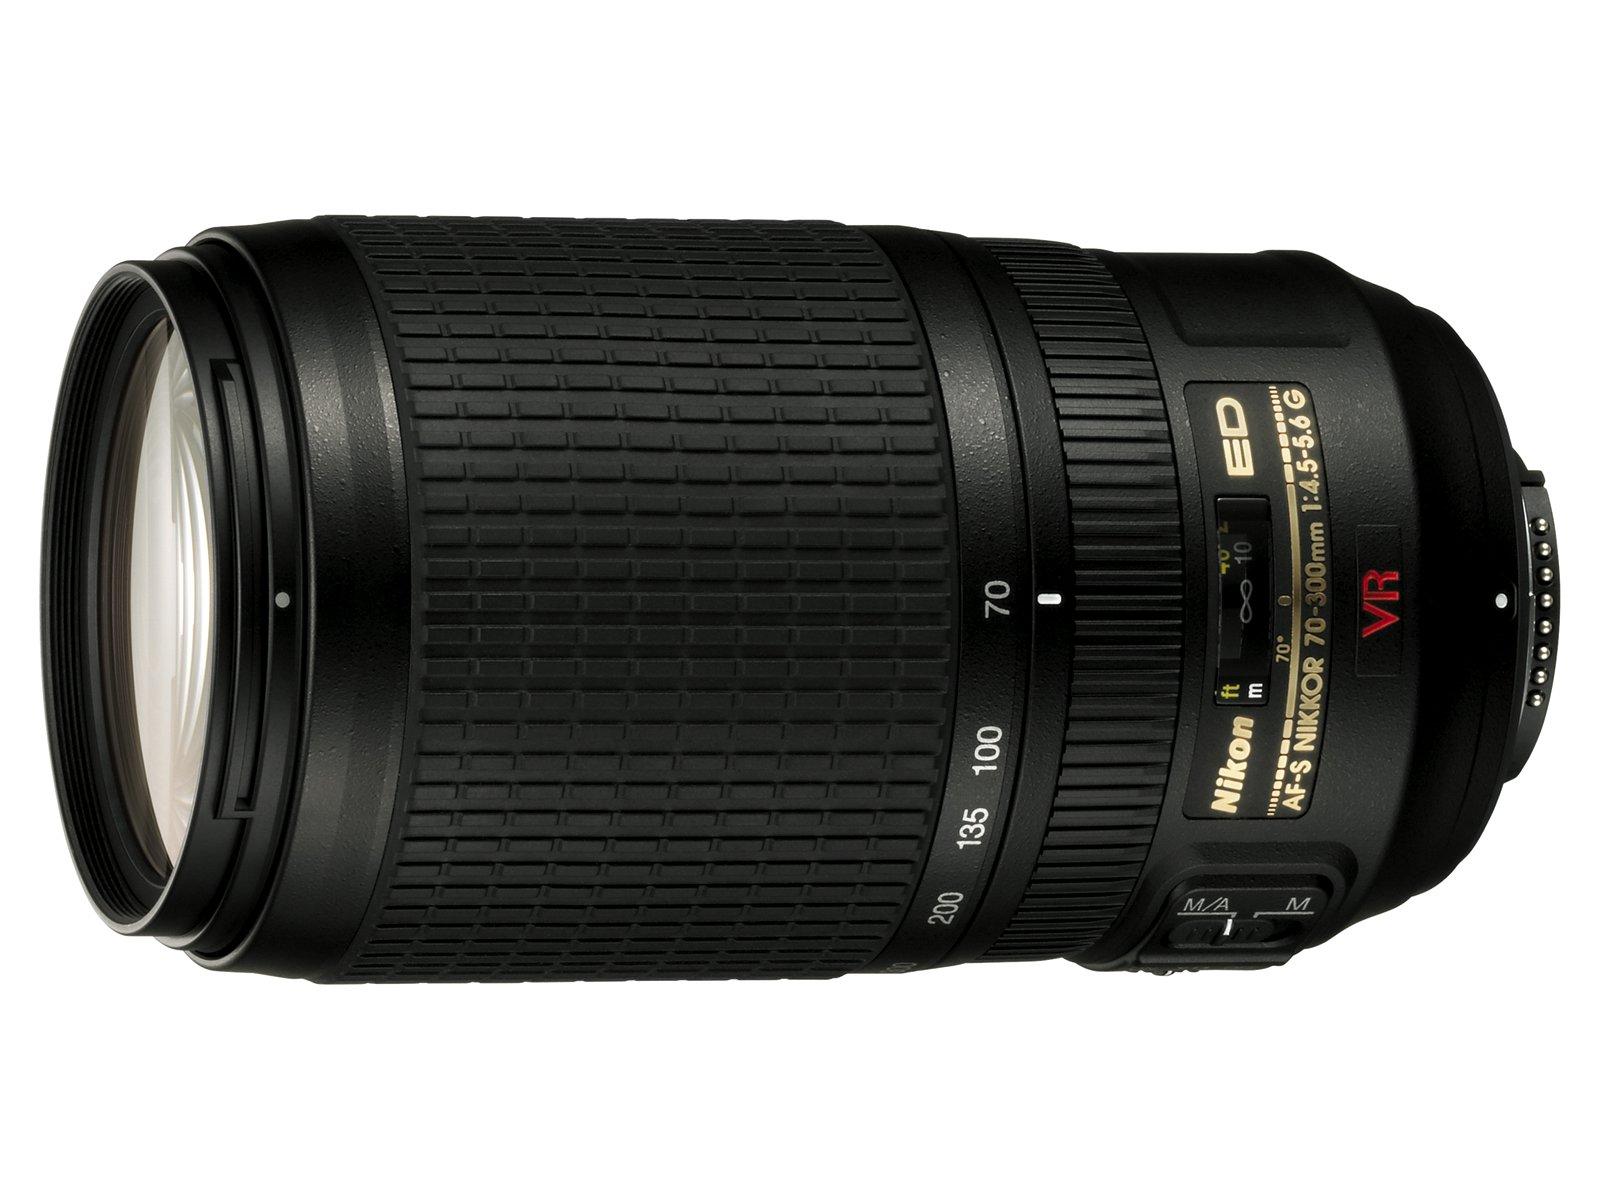 Nikon 70-300mm f/4.5-5.6G ED IF AF-S VR Nikkor Zoom Lens for Nikon Digital SLR Cameras by Nikon